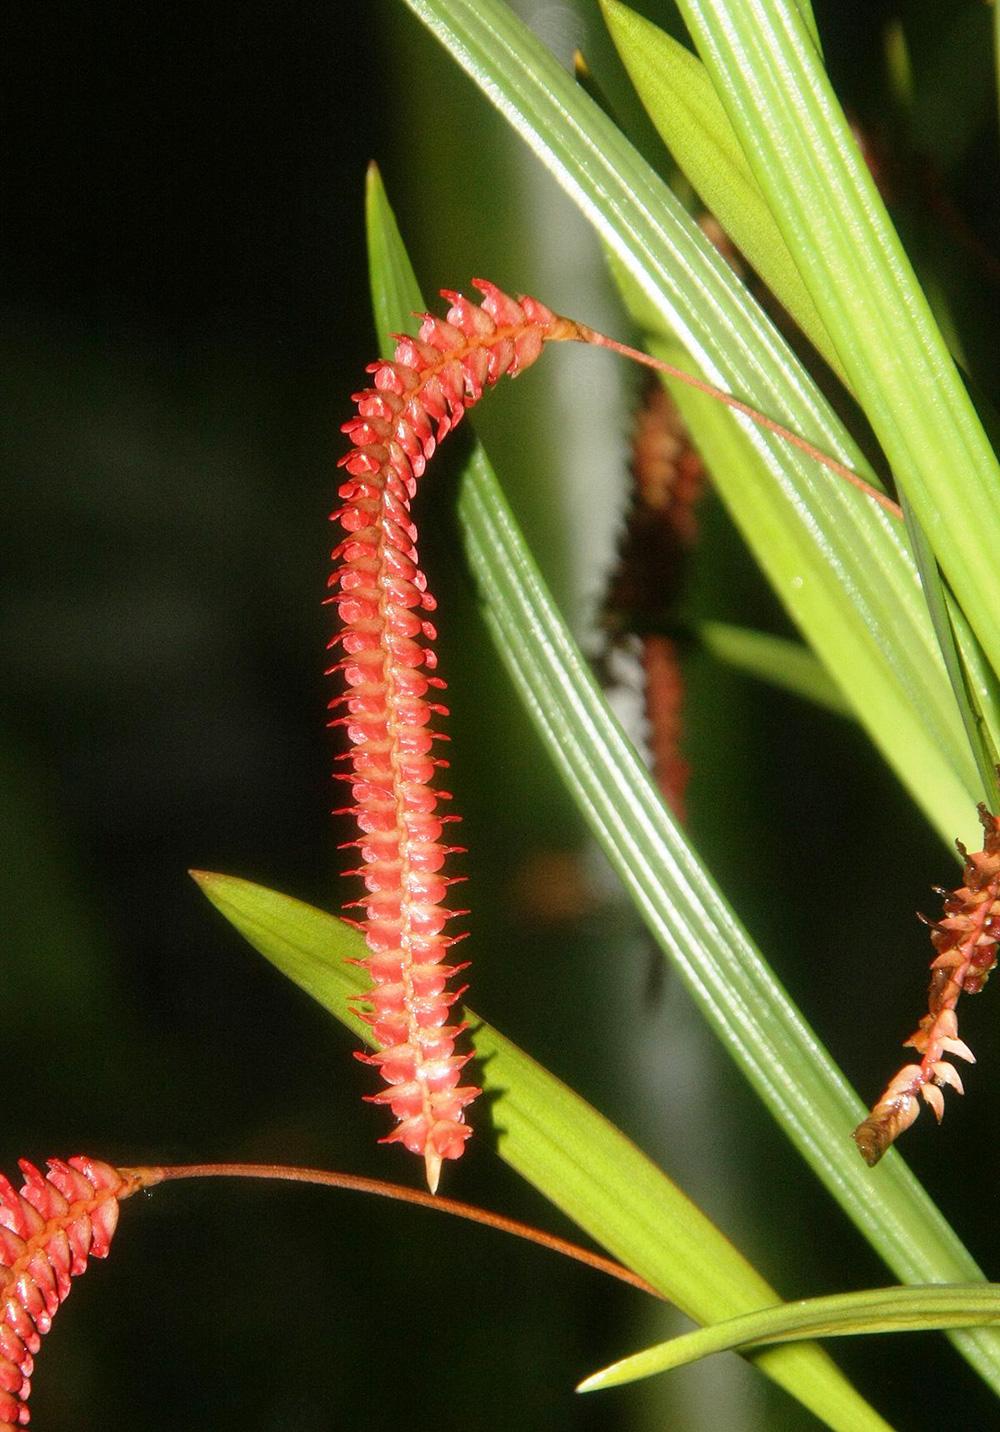 温氏足柱兰Dendrochilum wenzelii Ames